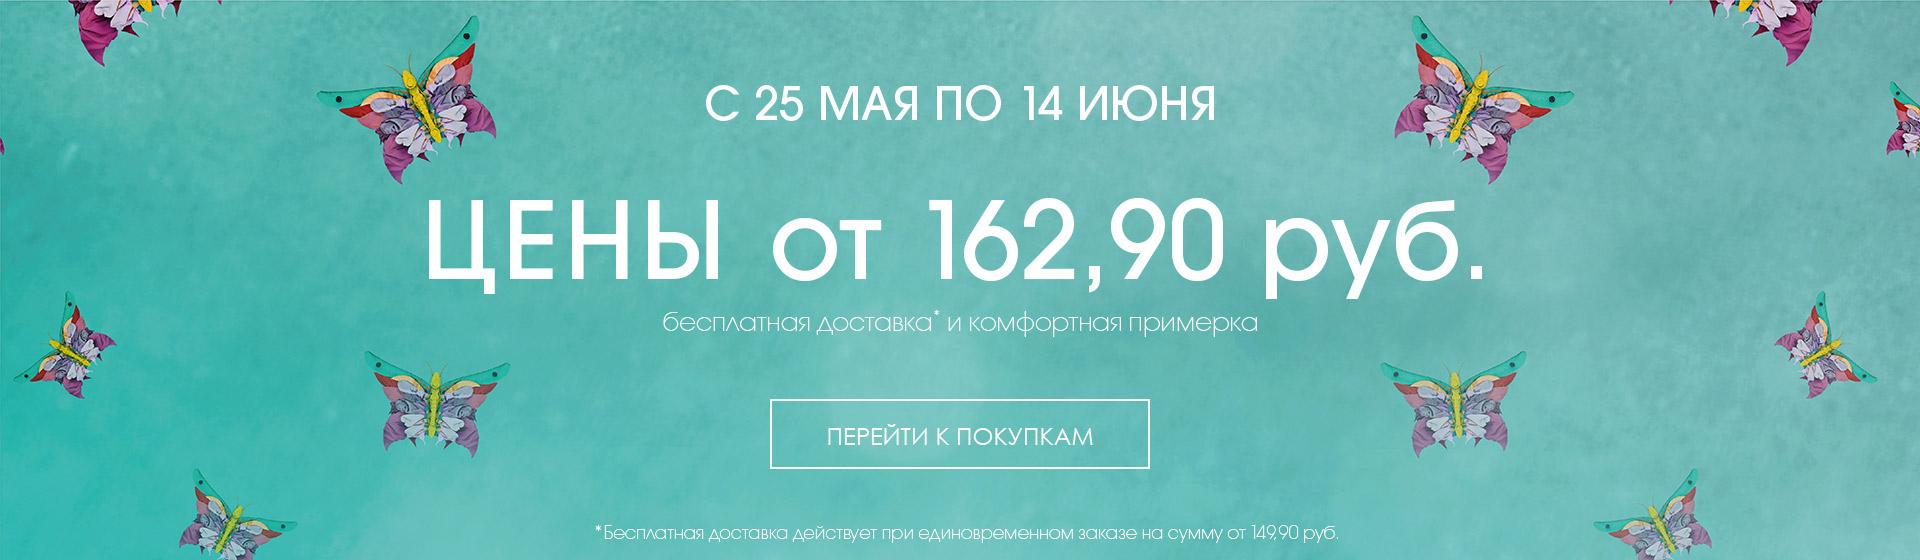 Цены от 162,90 руб.